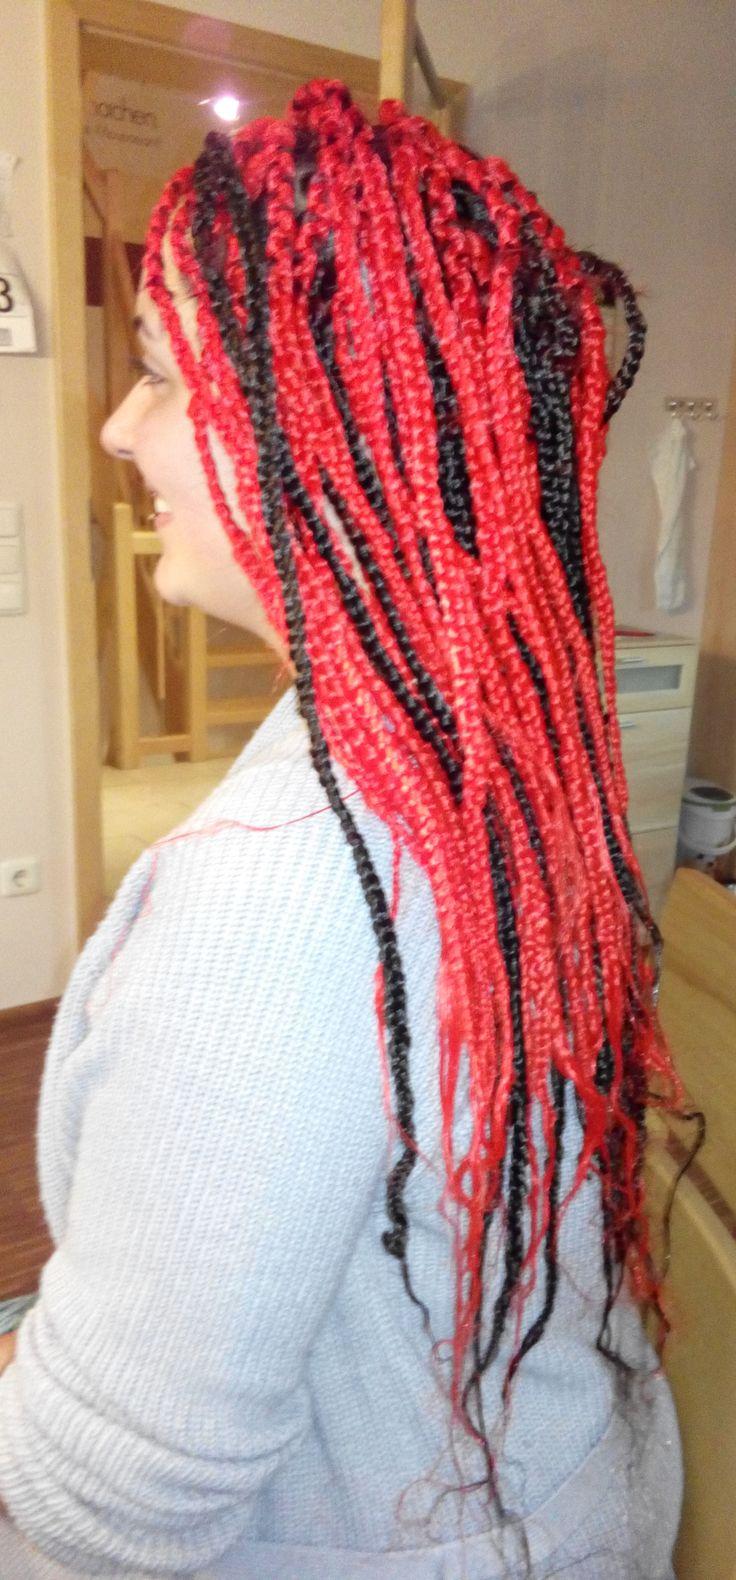 Rastazöpfe - Braids - schwarz rot minimale Haarlänge: 5 cm